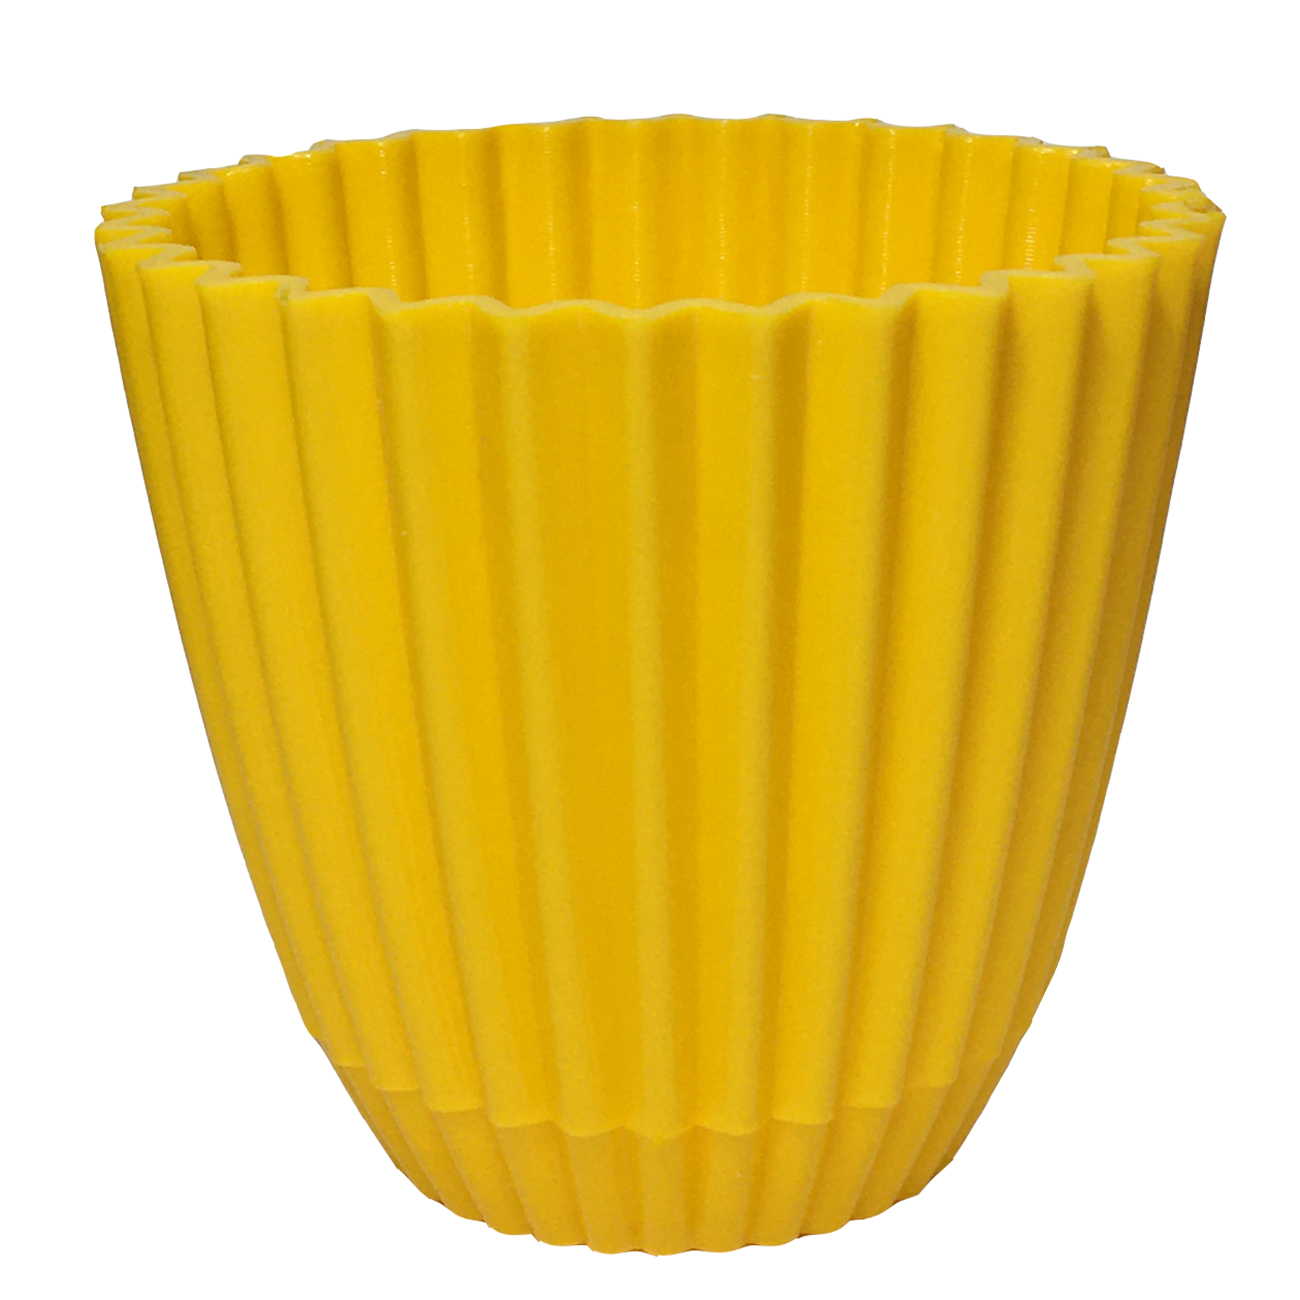 گلدان دانیال پلاستیک کد 208